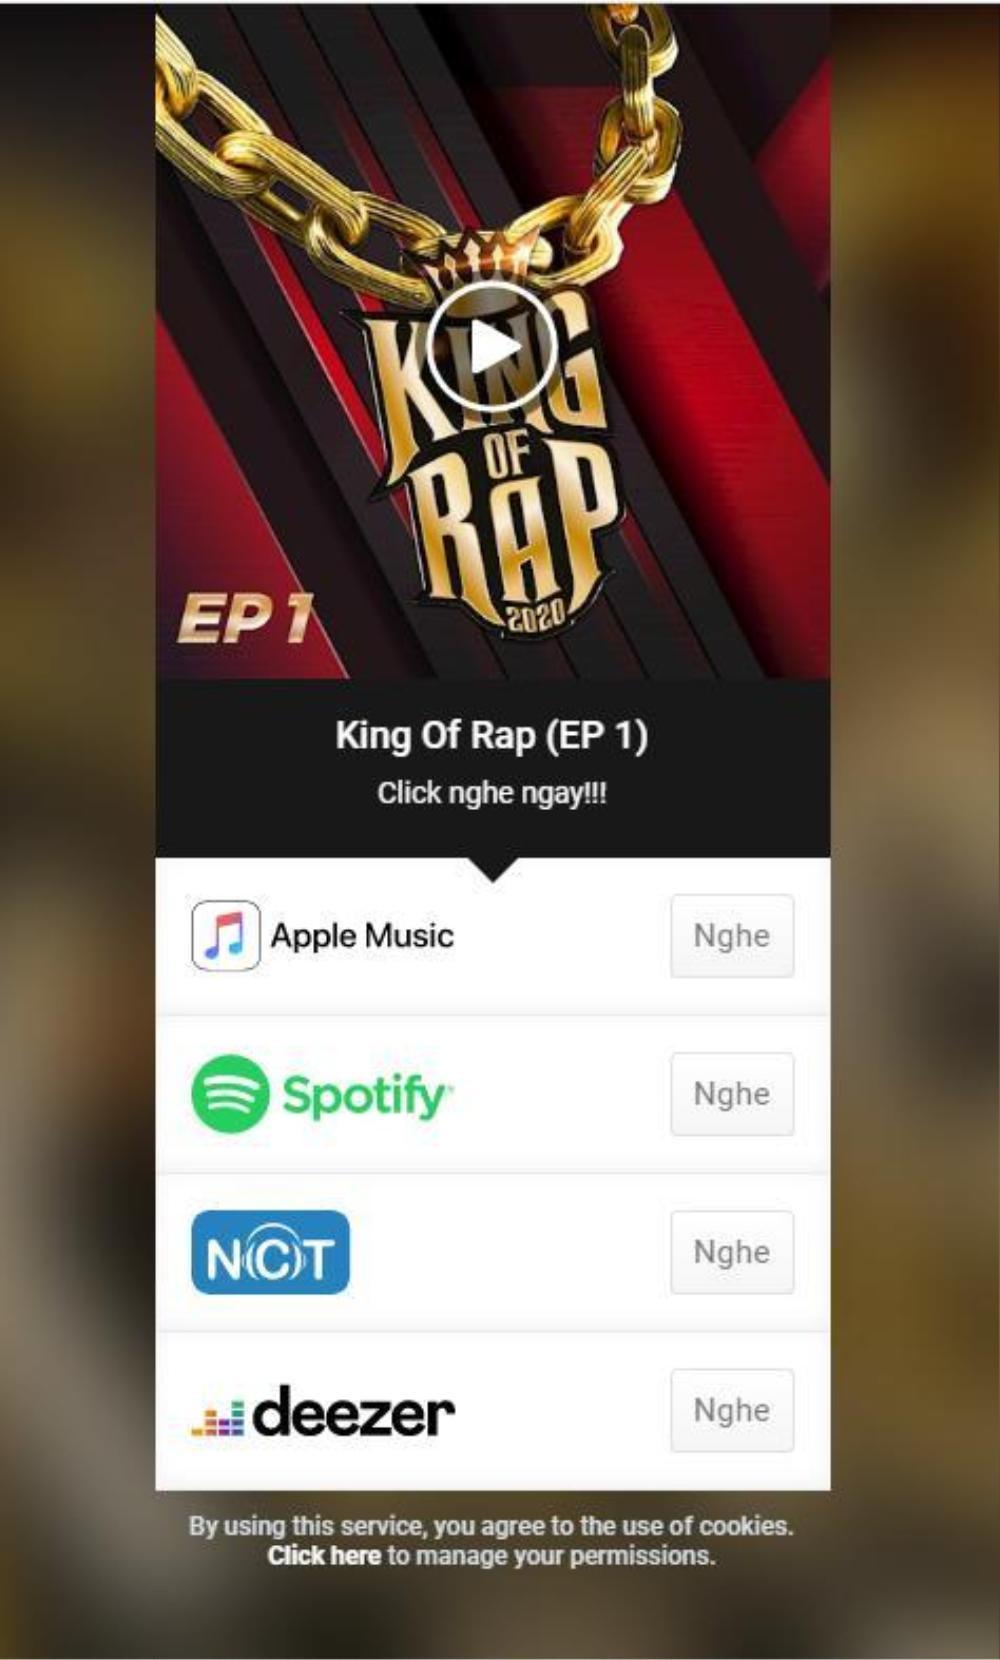 Nhà phát hành nhạc của KING OF RAP - Def Jam 'khủng' như thế nào trên bản đồ âm nhạc thế giới? Ảnh 2